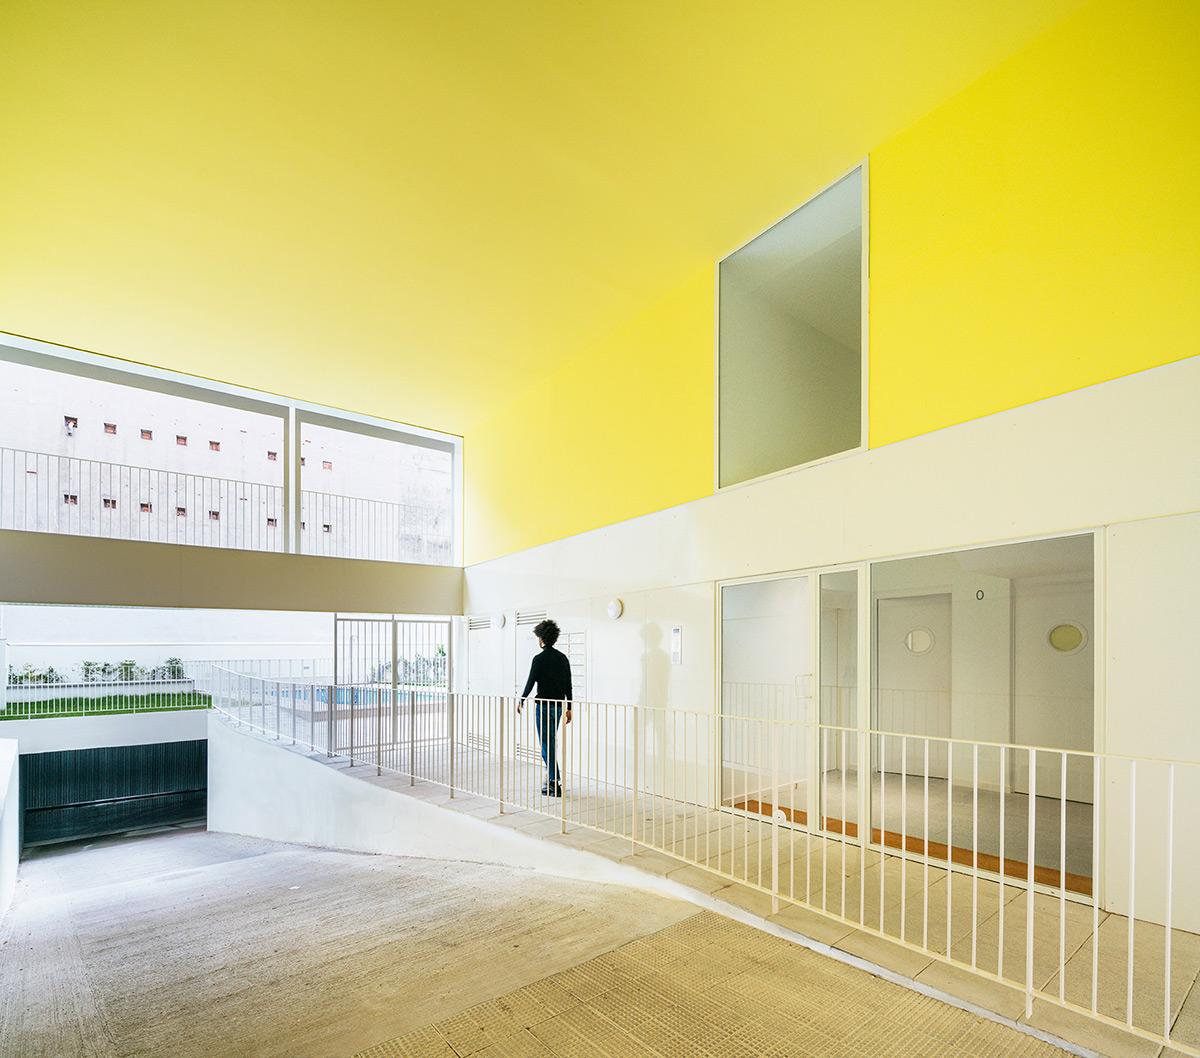 Elcano-FRPO-Rodriguez-Oriol-Arquitectos-Imagen-Subliminal-03